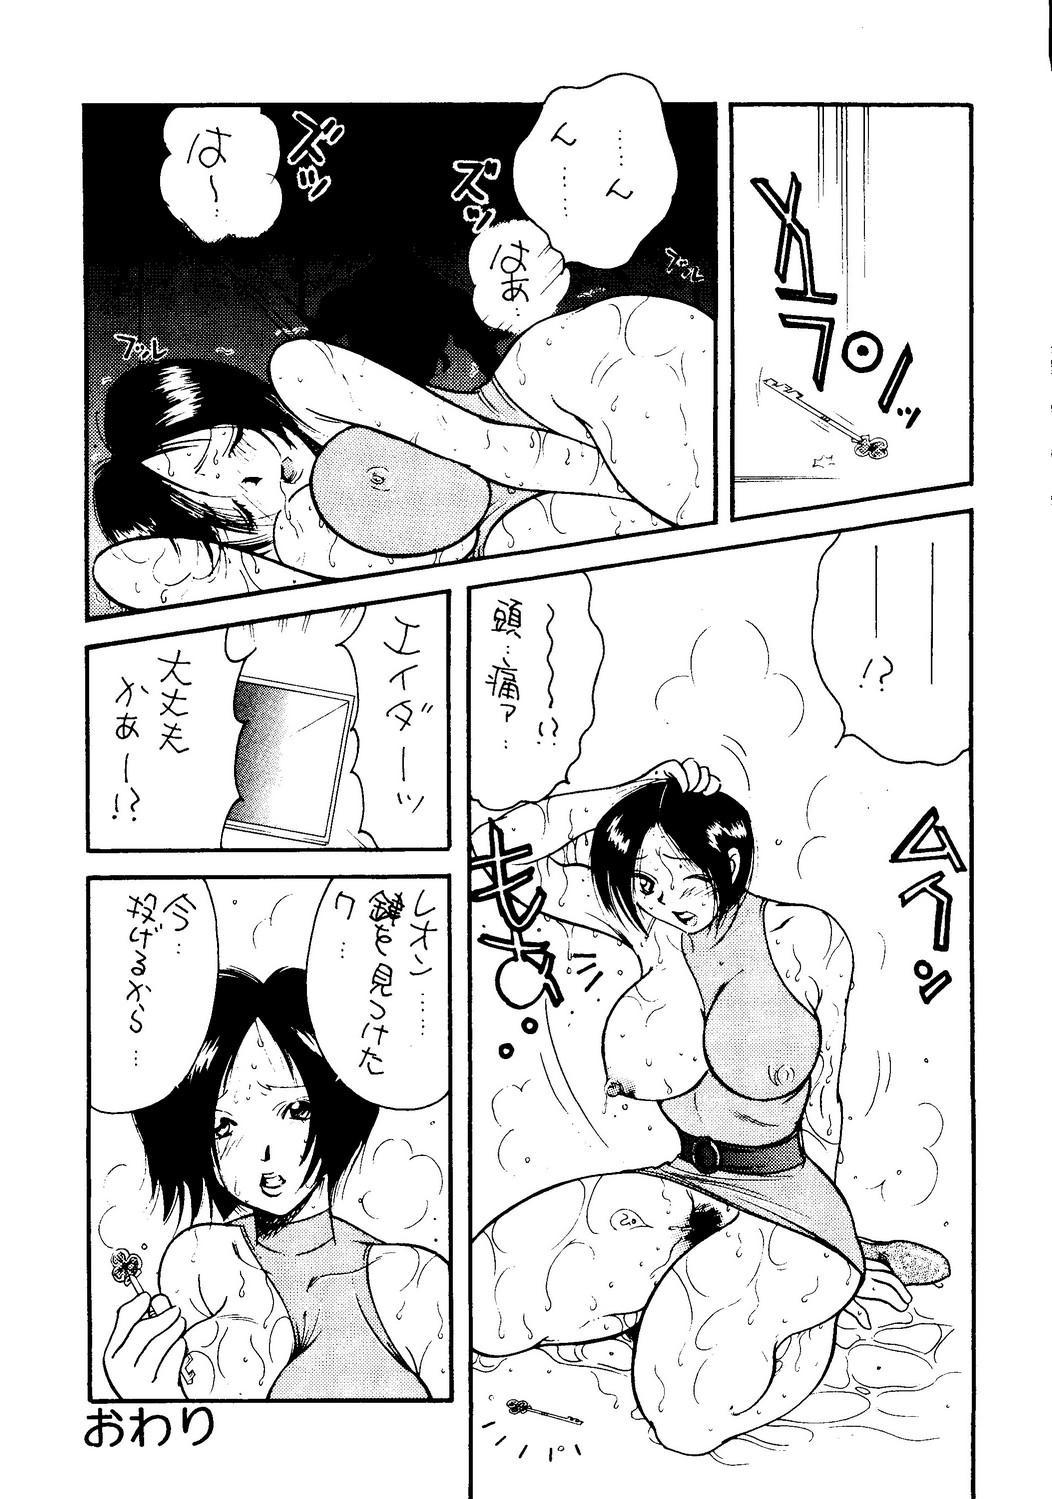 Nikutai Toukon Densetsu Kei 39